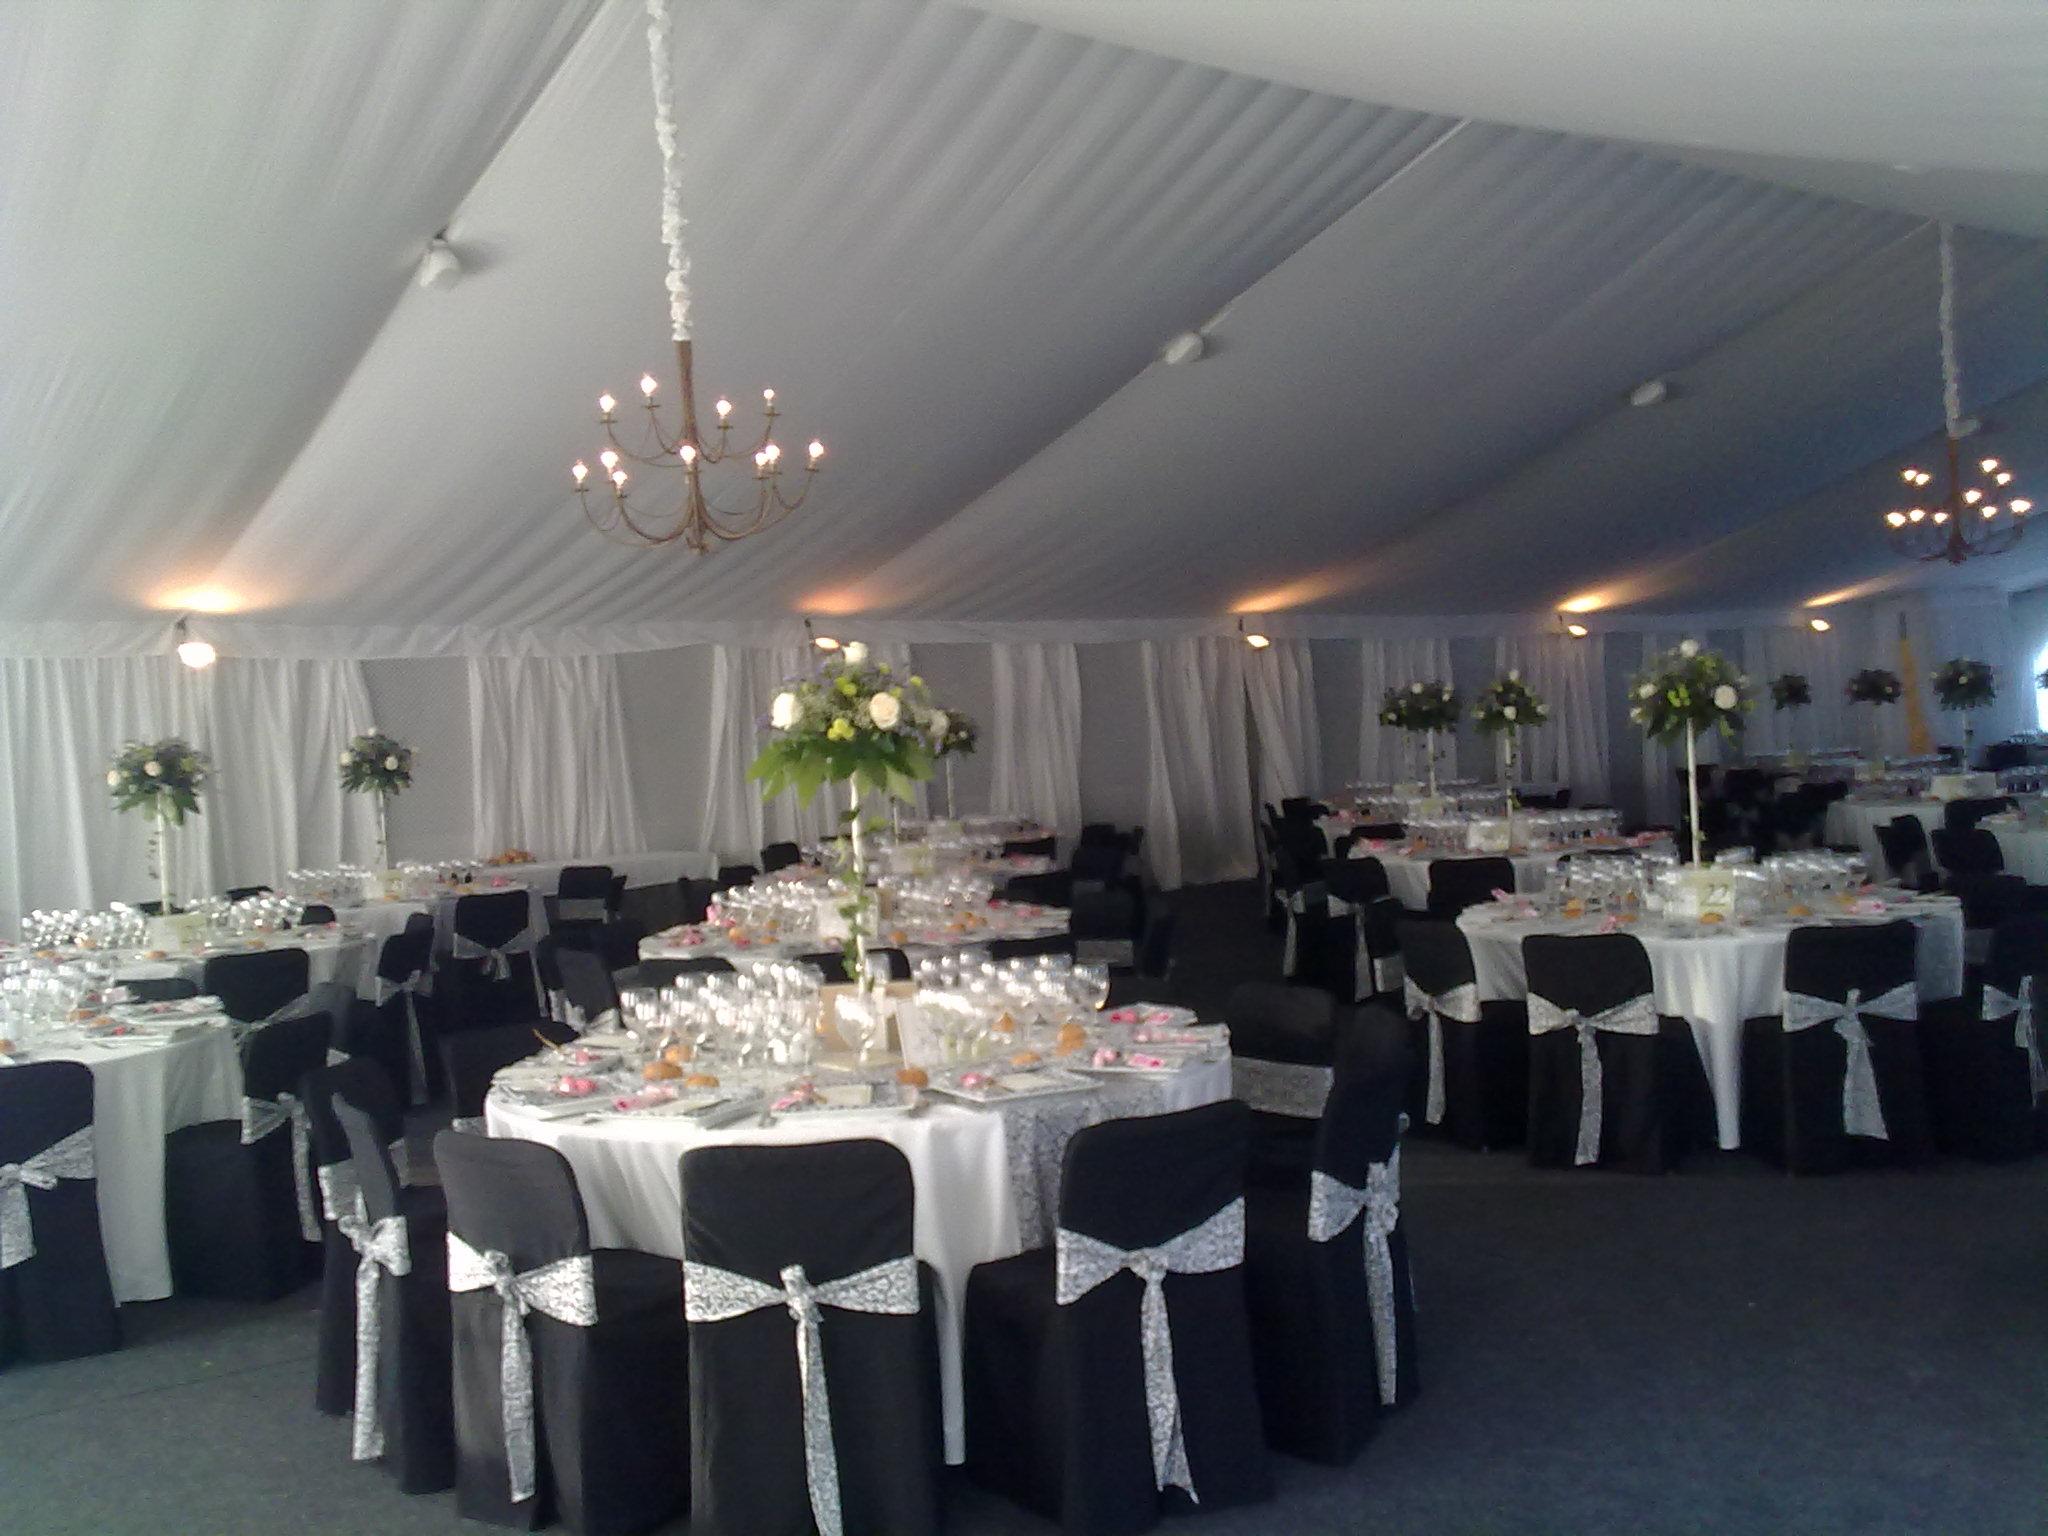 V deos de carpas para bodas carpas info - Decoracion de carpas para bodas ...